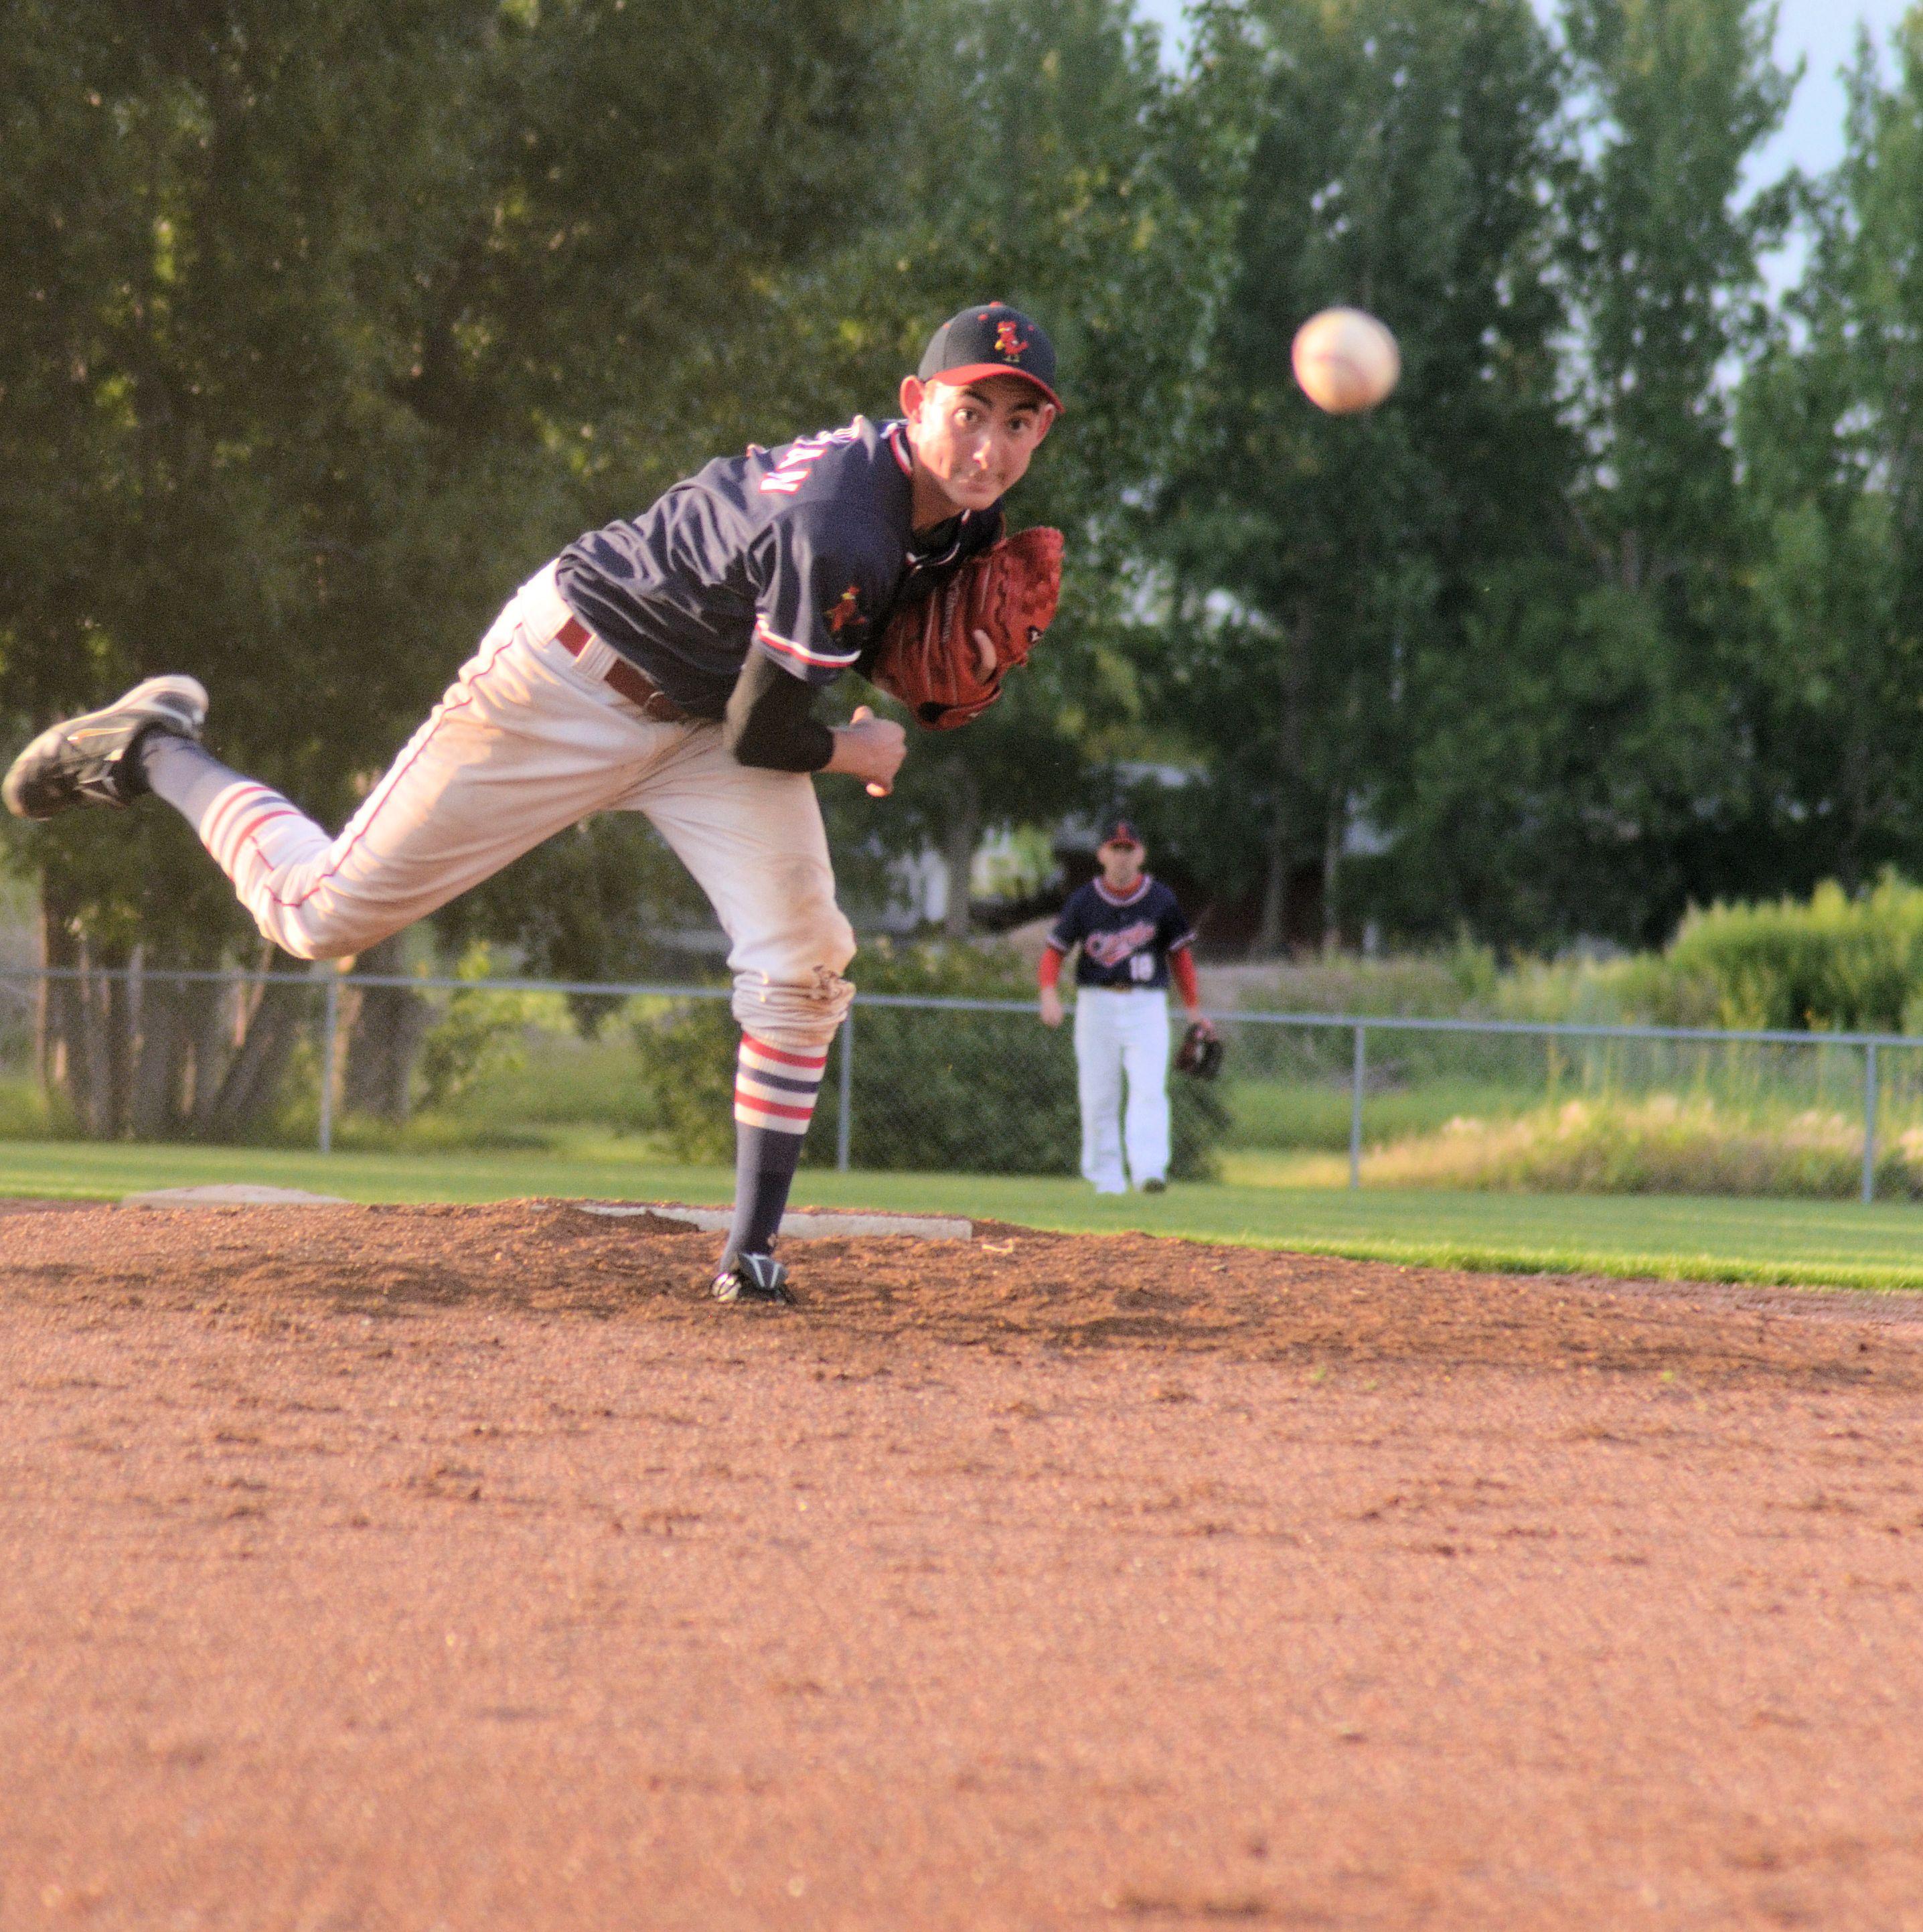 cory pitch